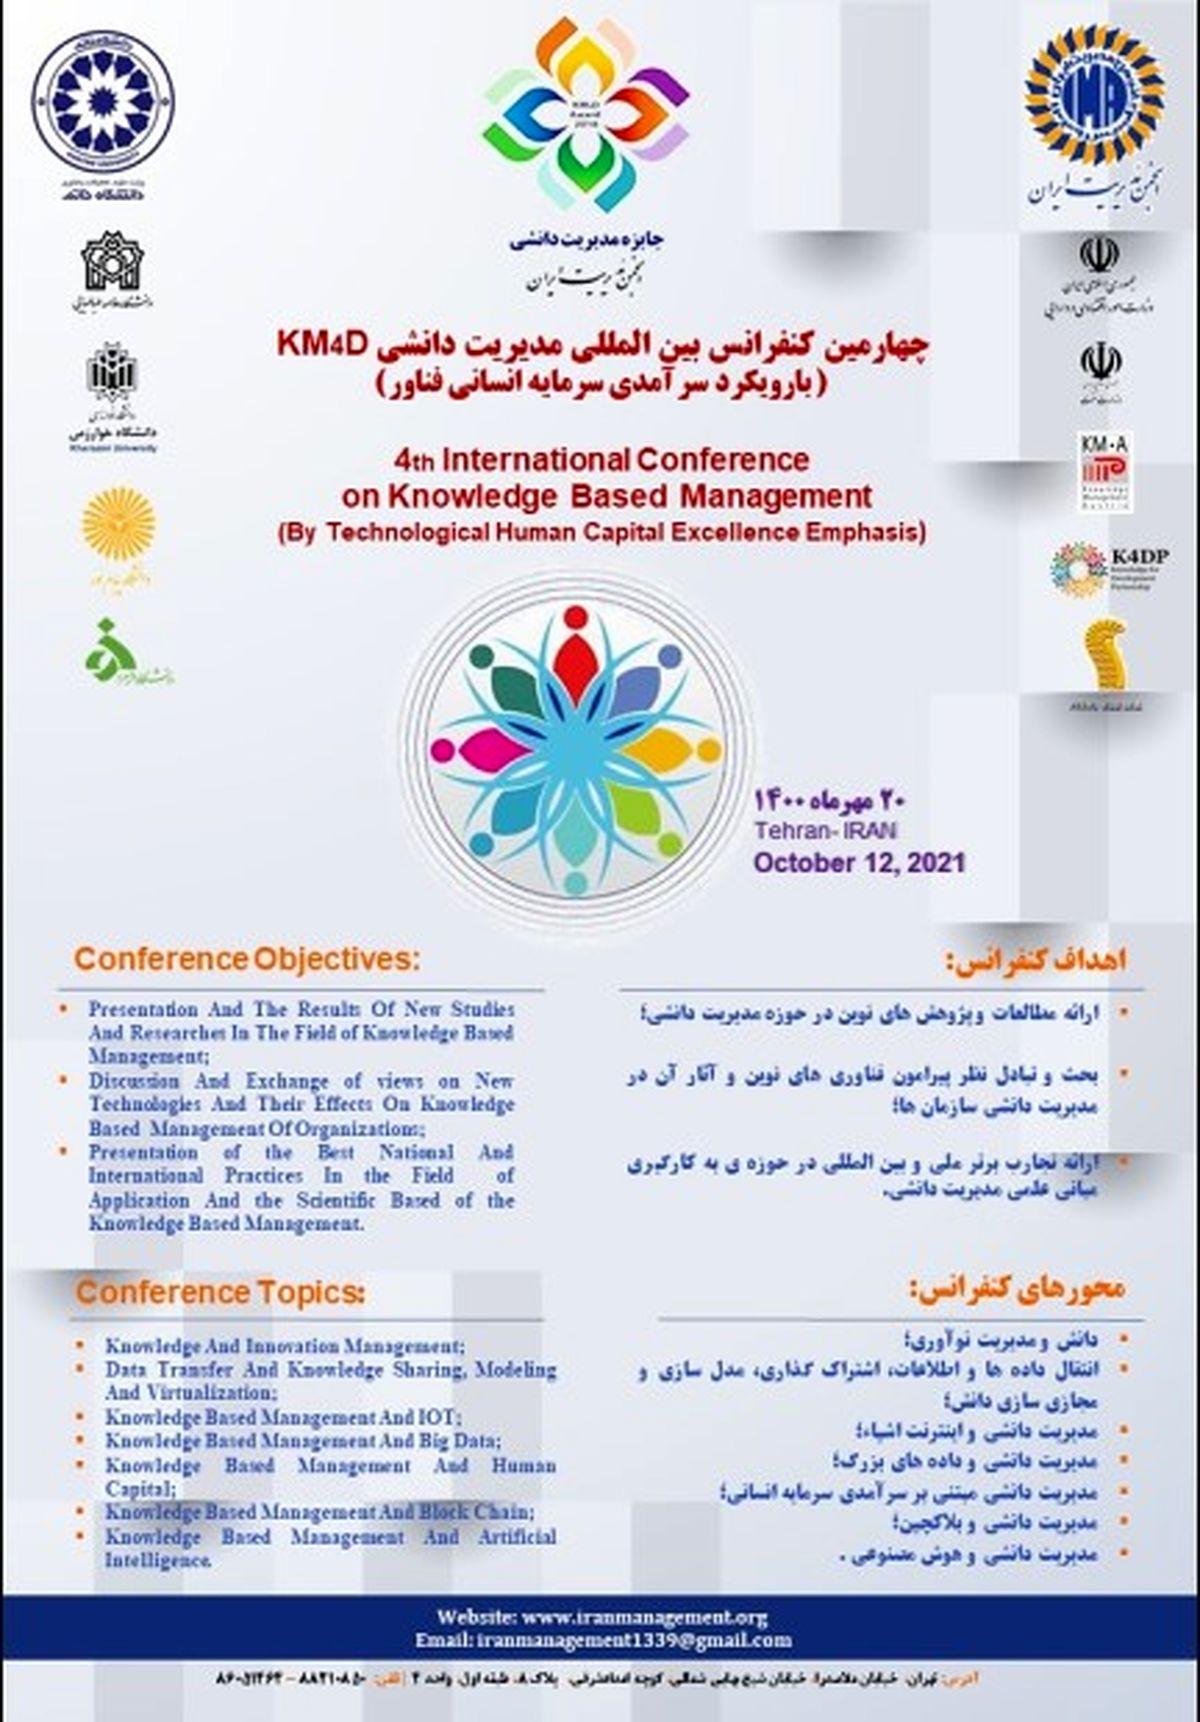 چهارمین کنفرانس بینالمللی مدیریت دانشی در آستانه برگزاری